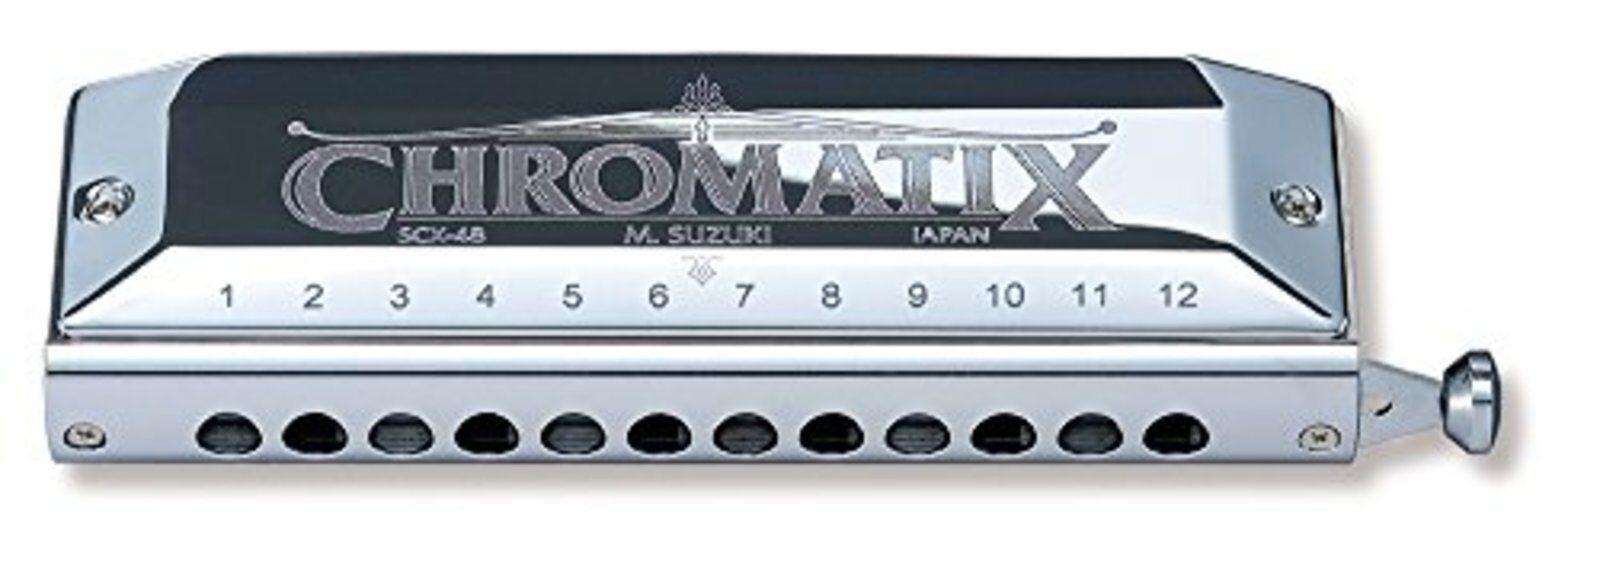 Suzuki Mundharmonika Chromatix Scx48 12 Loch C-Dur 48 Sounds F S W Abtastung